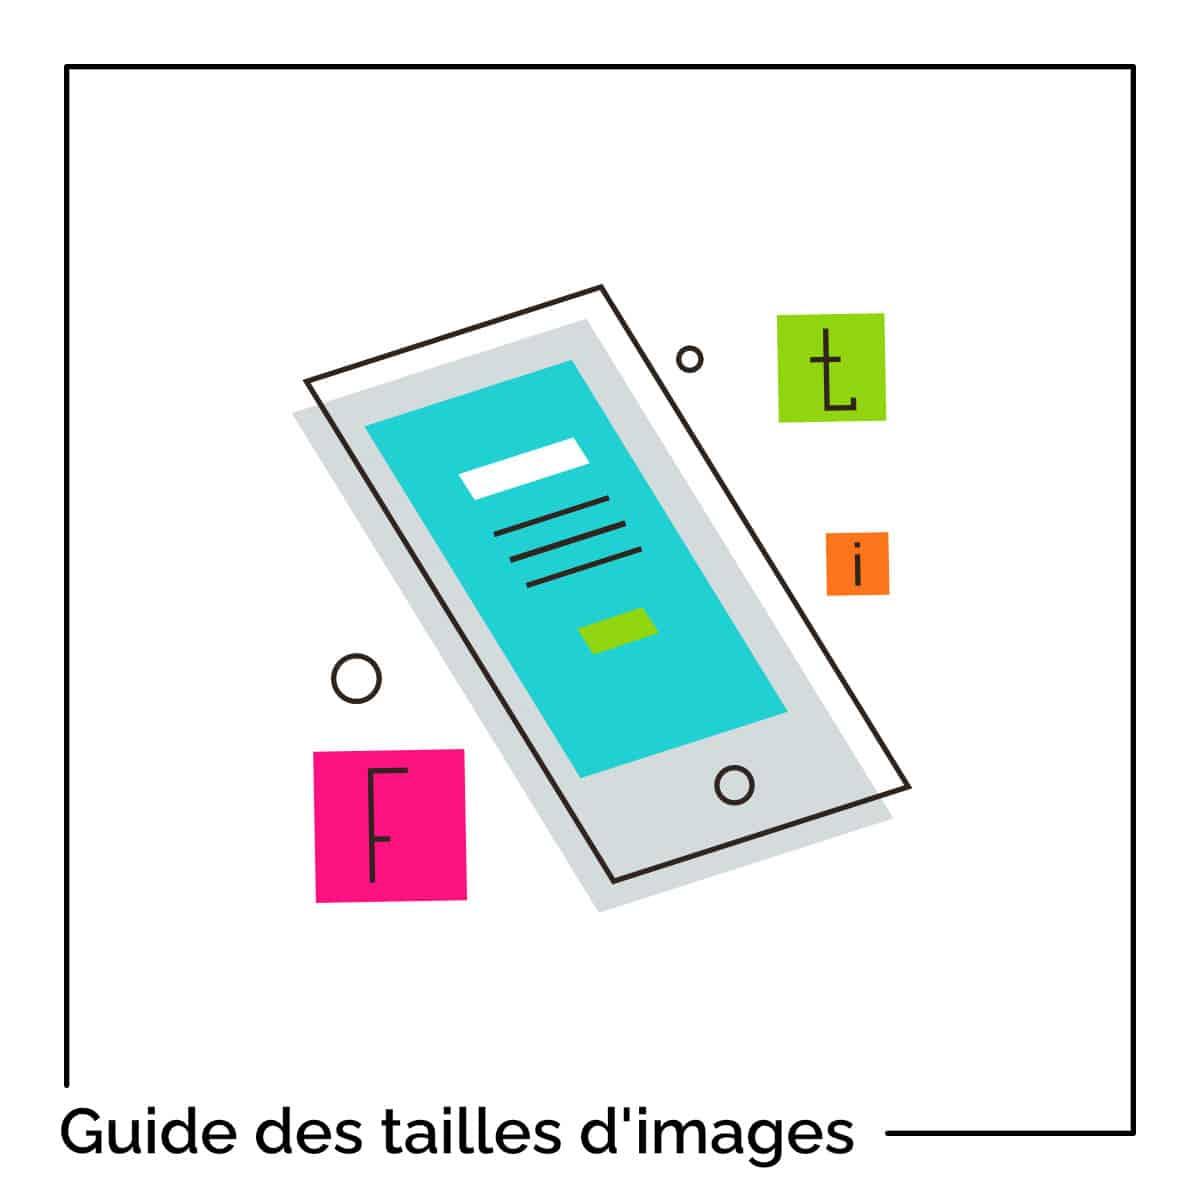 guide images reseaux sociaux